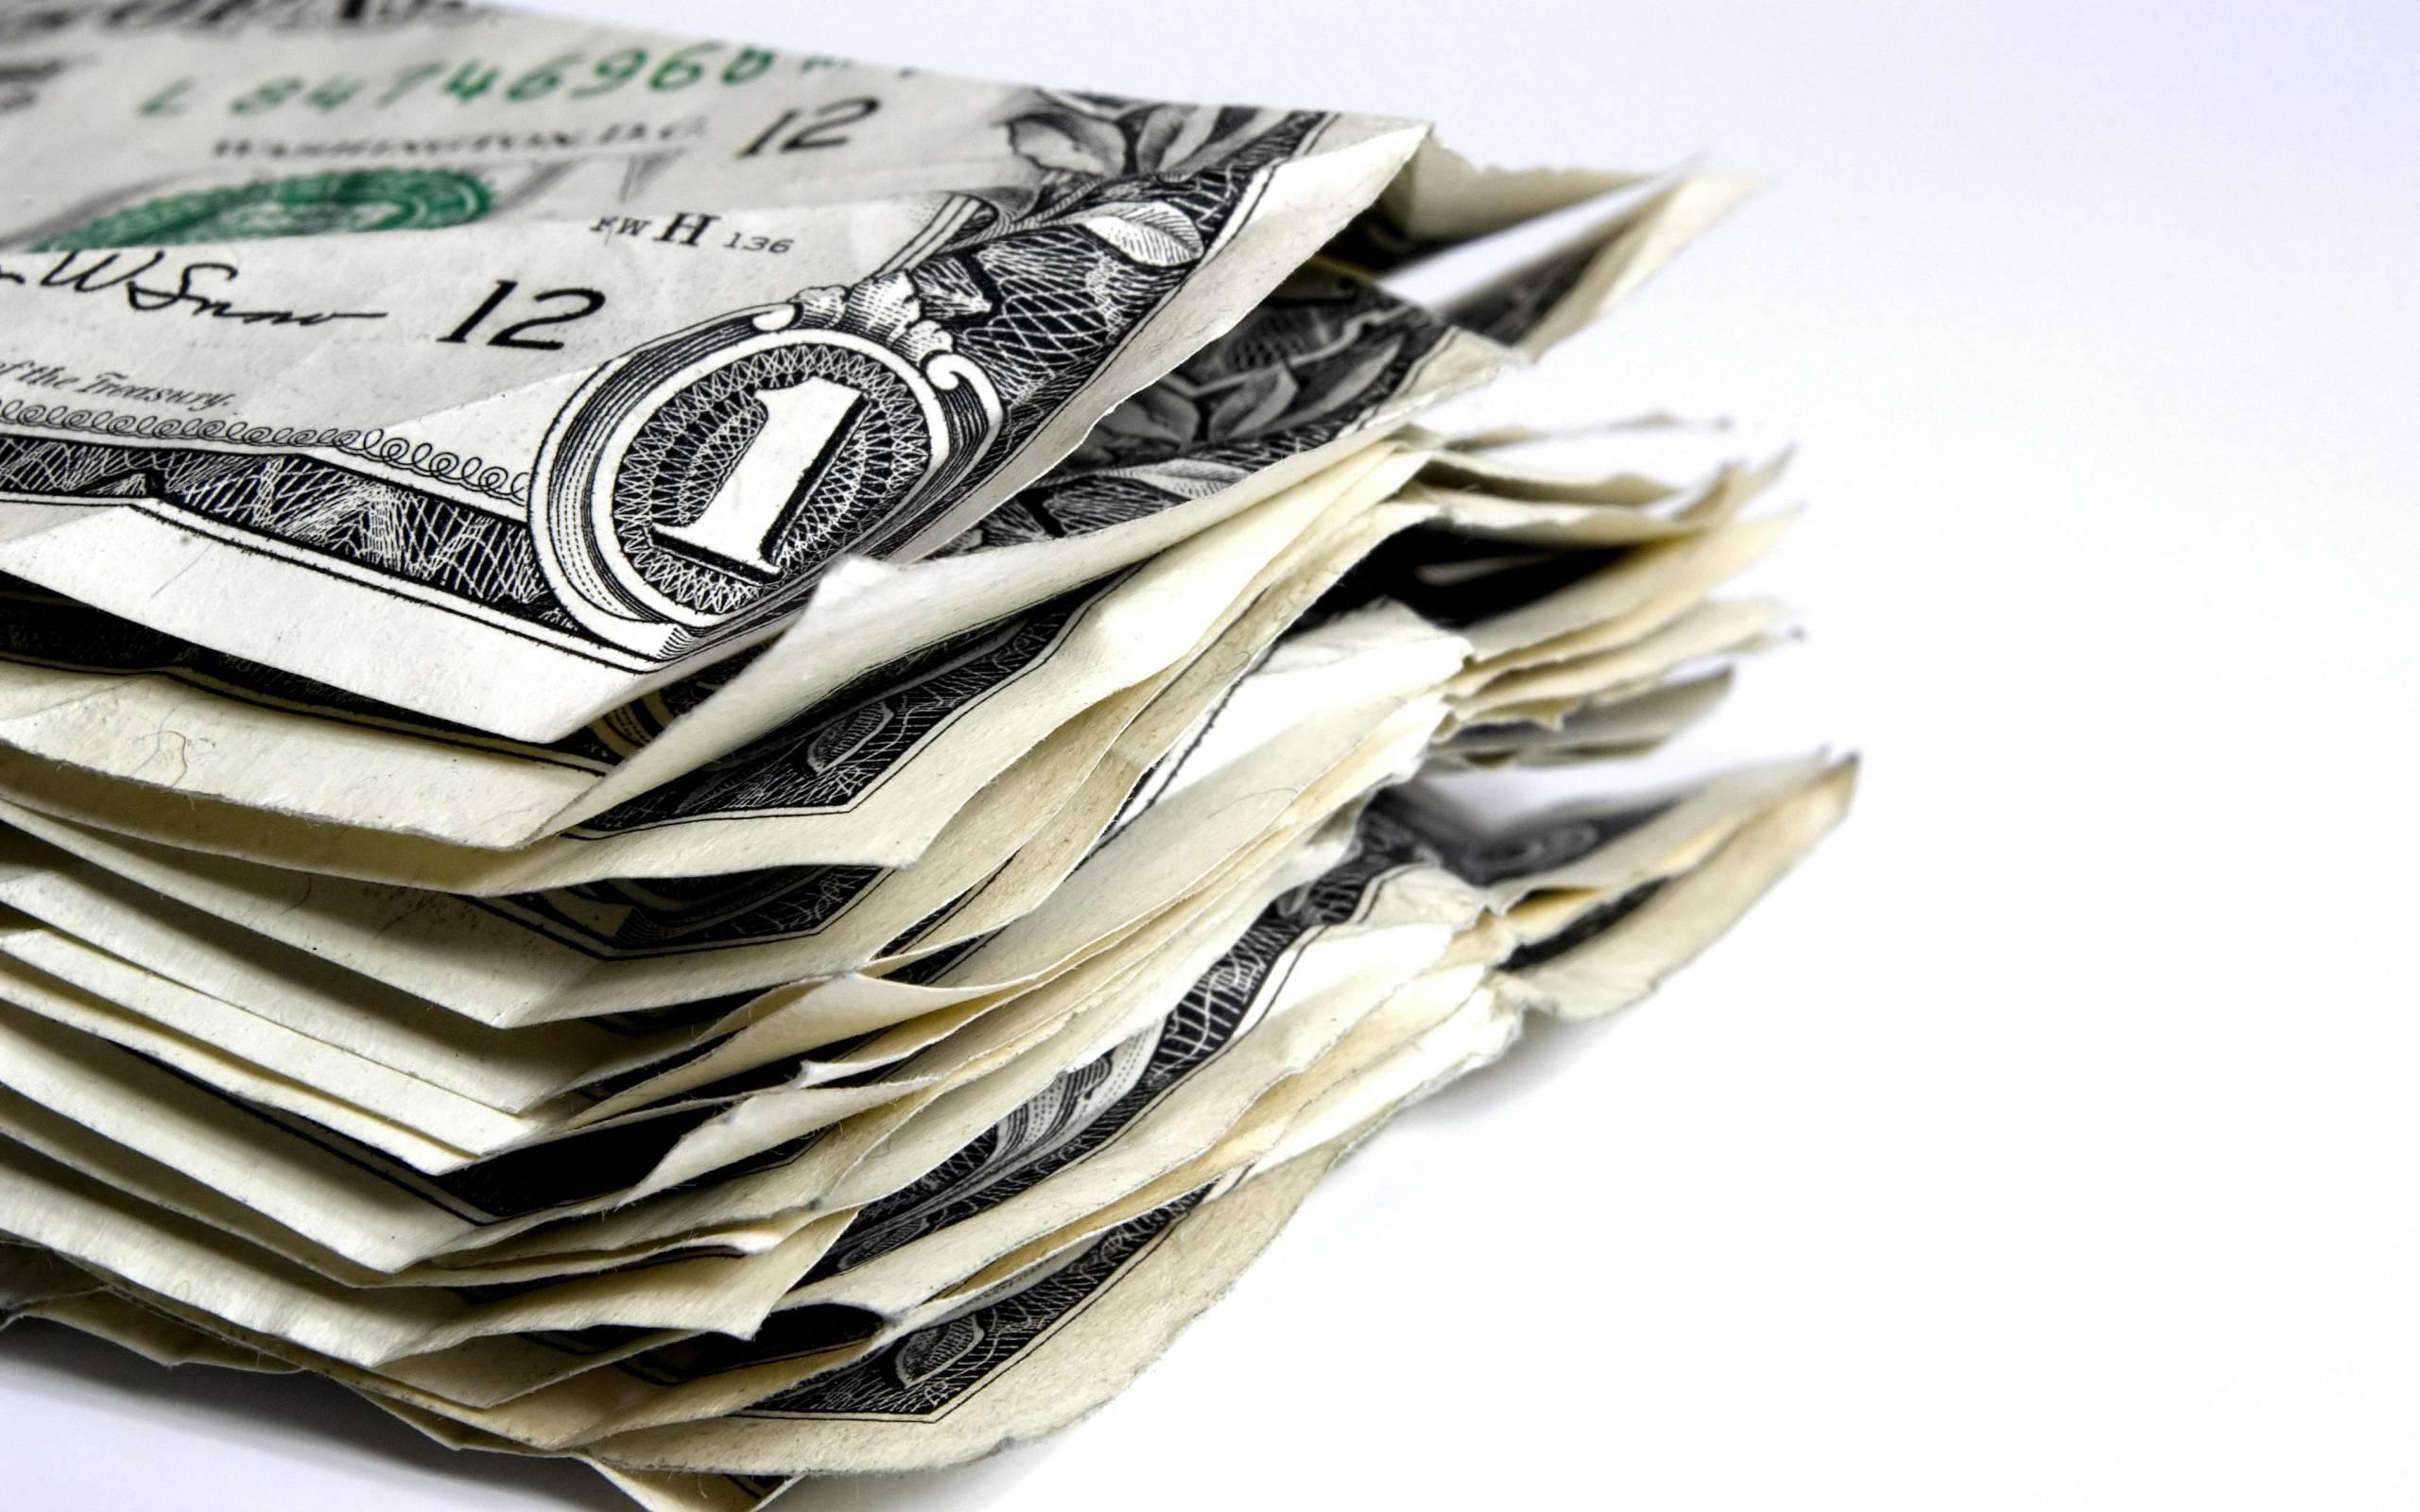 money-9a2e302c180bad4bc42f856948791d2d.jpg